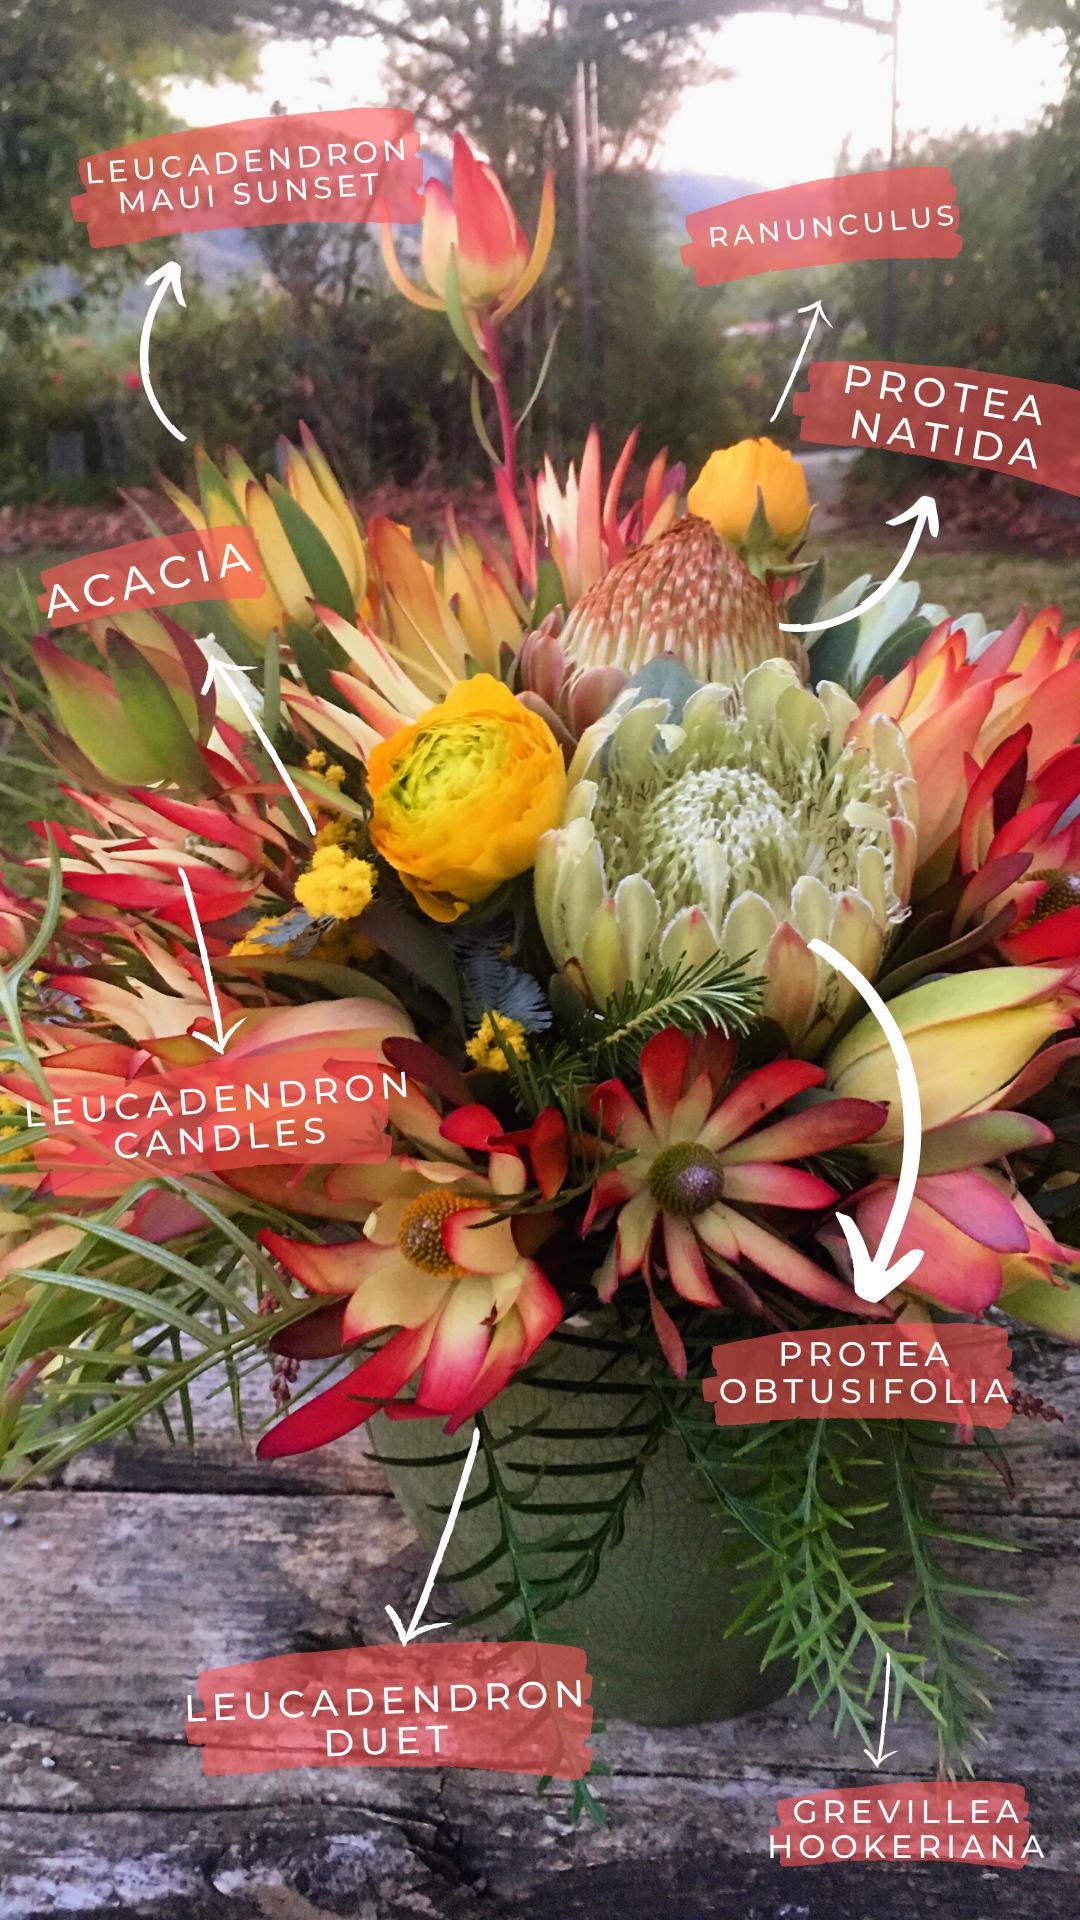 Mixed Protea Bouquet In 2020 Protea Bouquet Flowers Protea